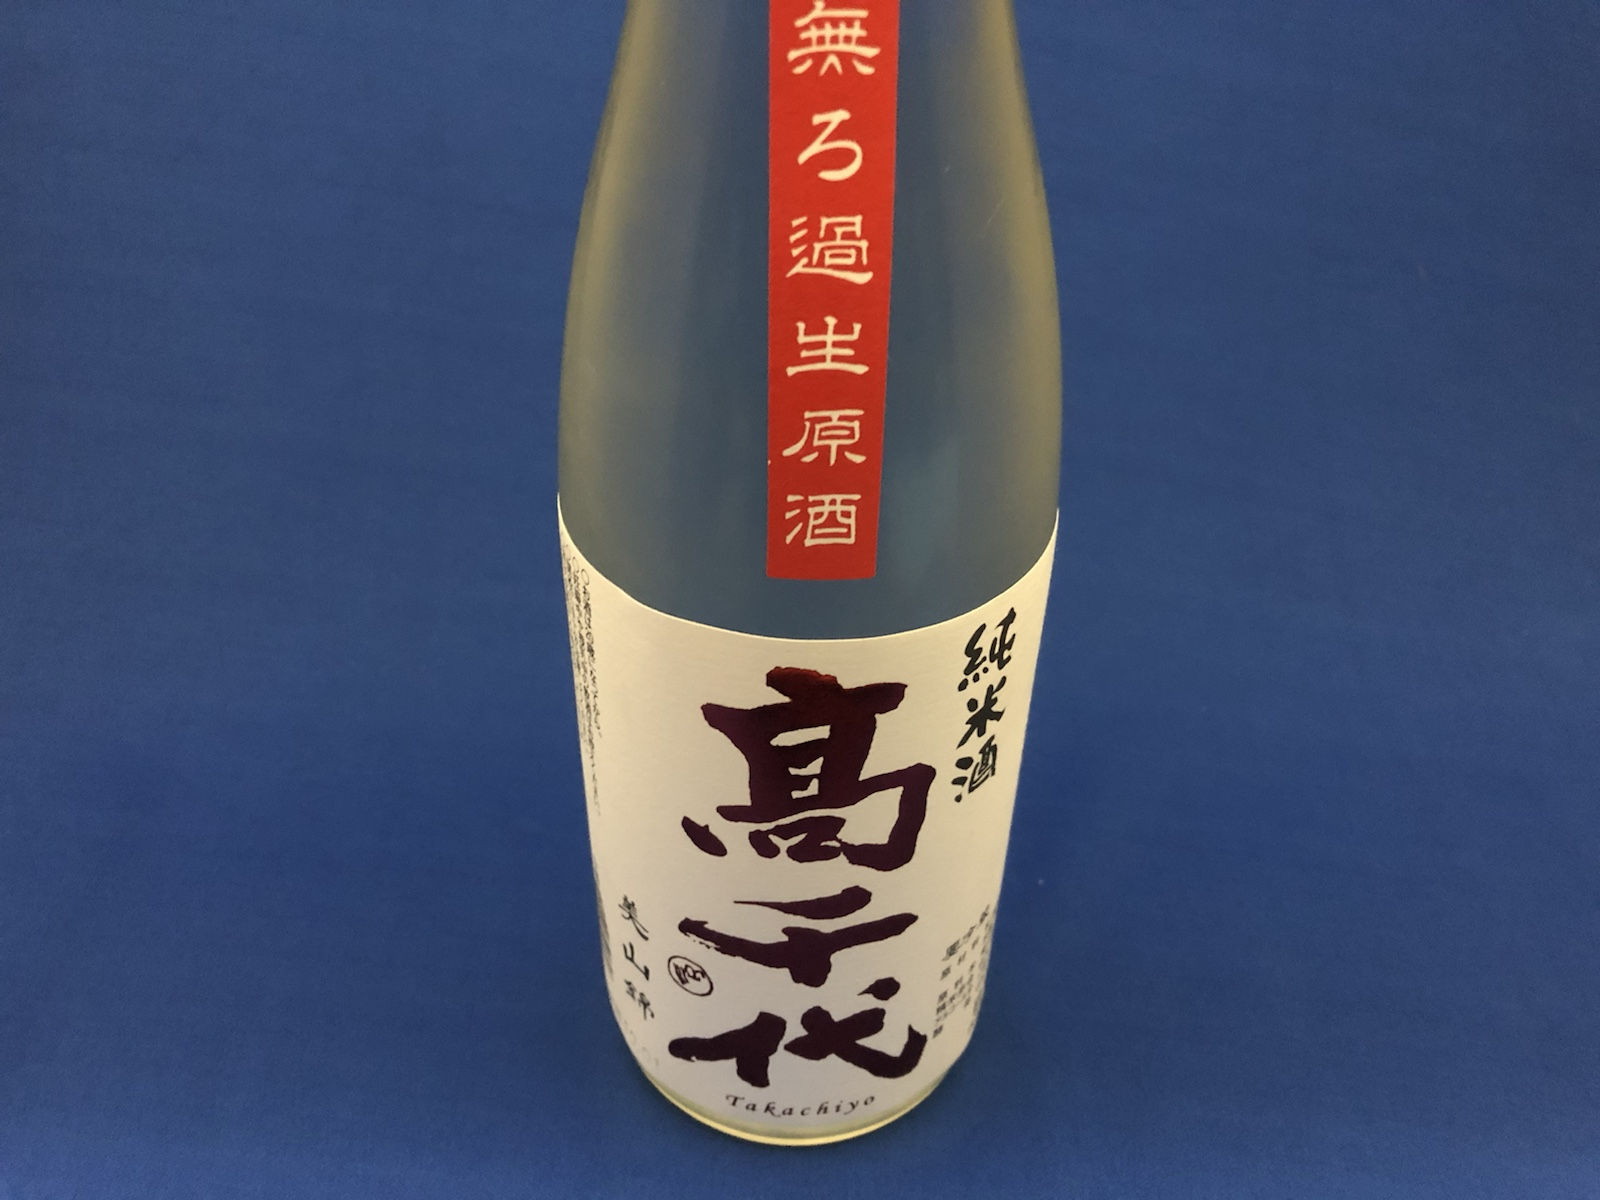 日本酒度+19の超辛口日本酒!髙千代 純米酒 美山錦